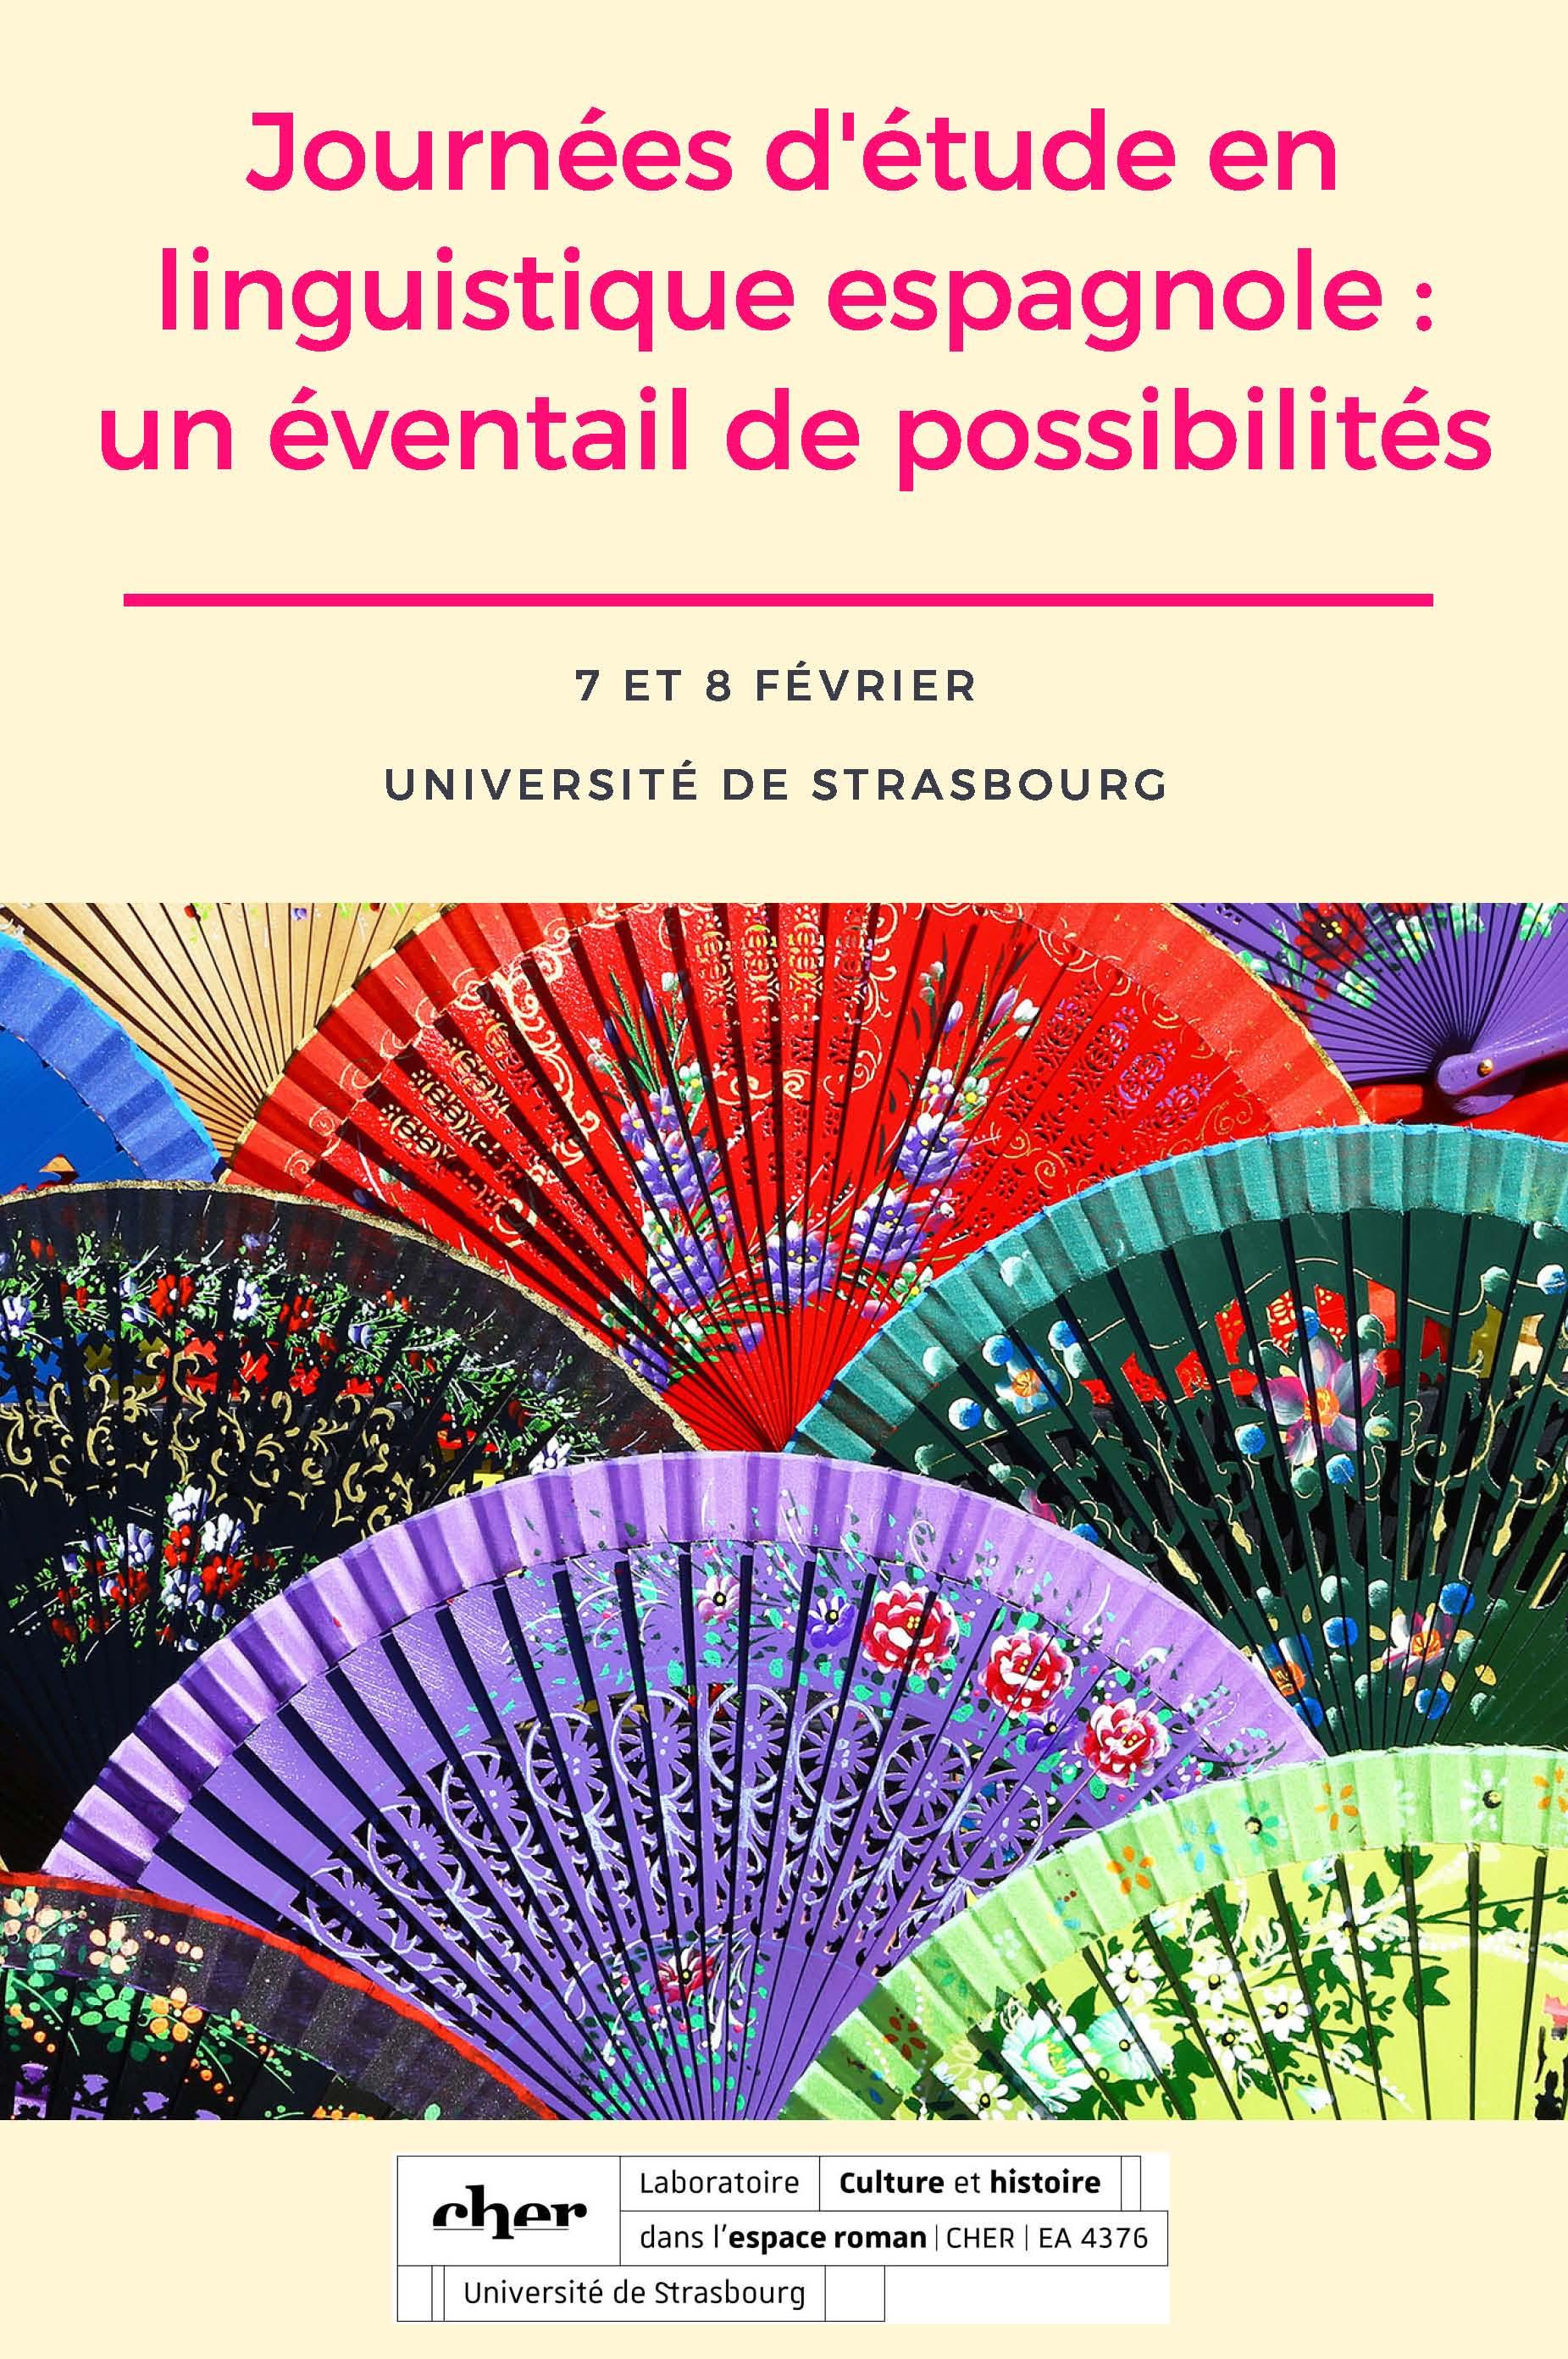 15e8d04cda4c Journées d'études en linguistique espagnole -